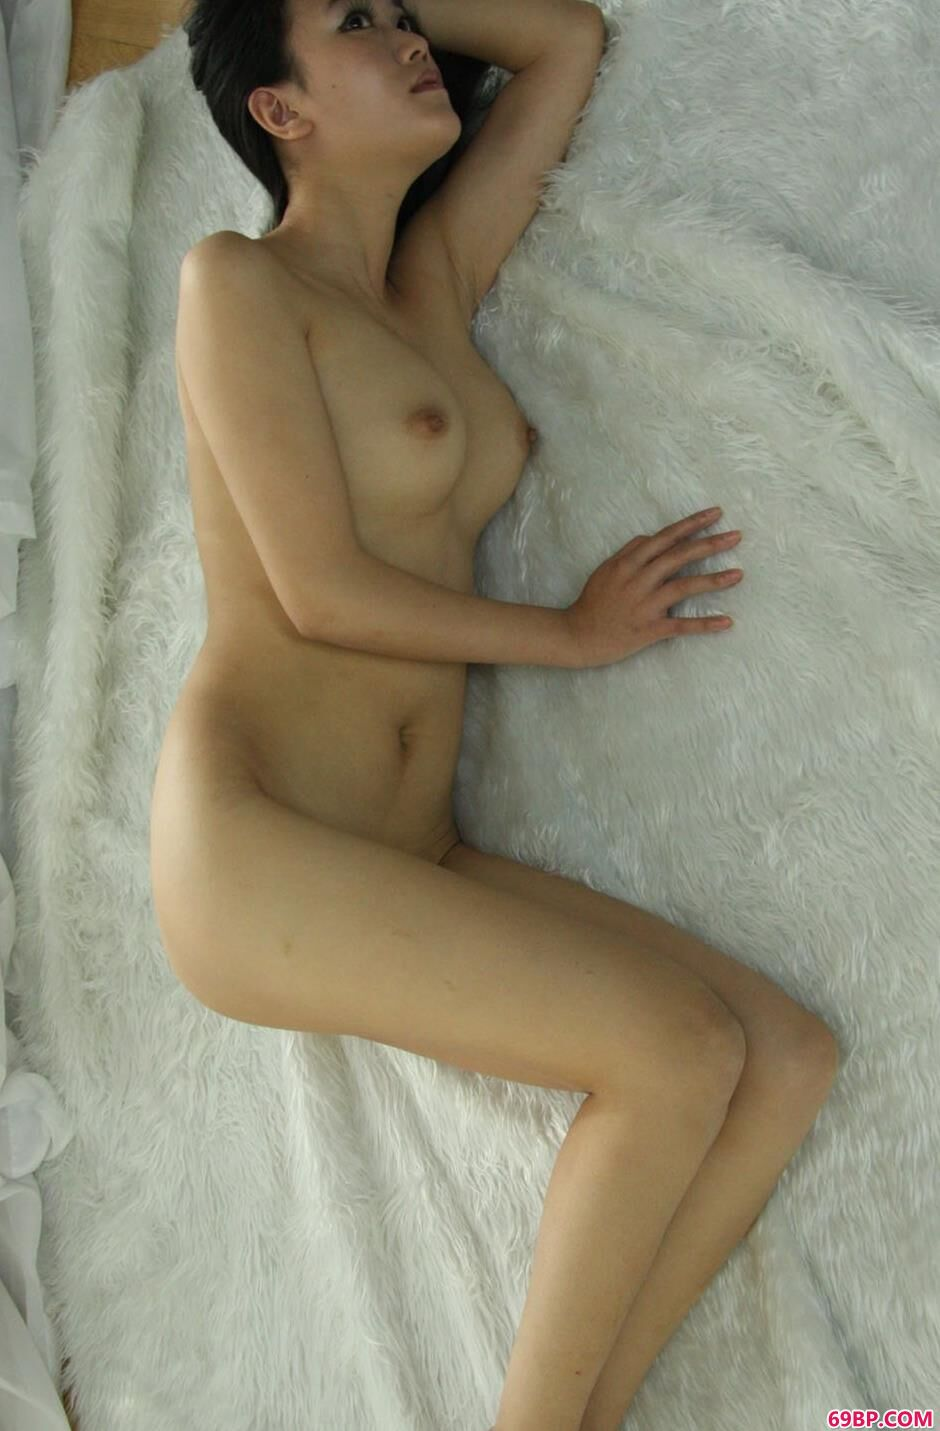 妹子安慧房间内羊毛毯上的魅惑人体